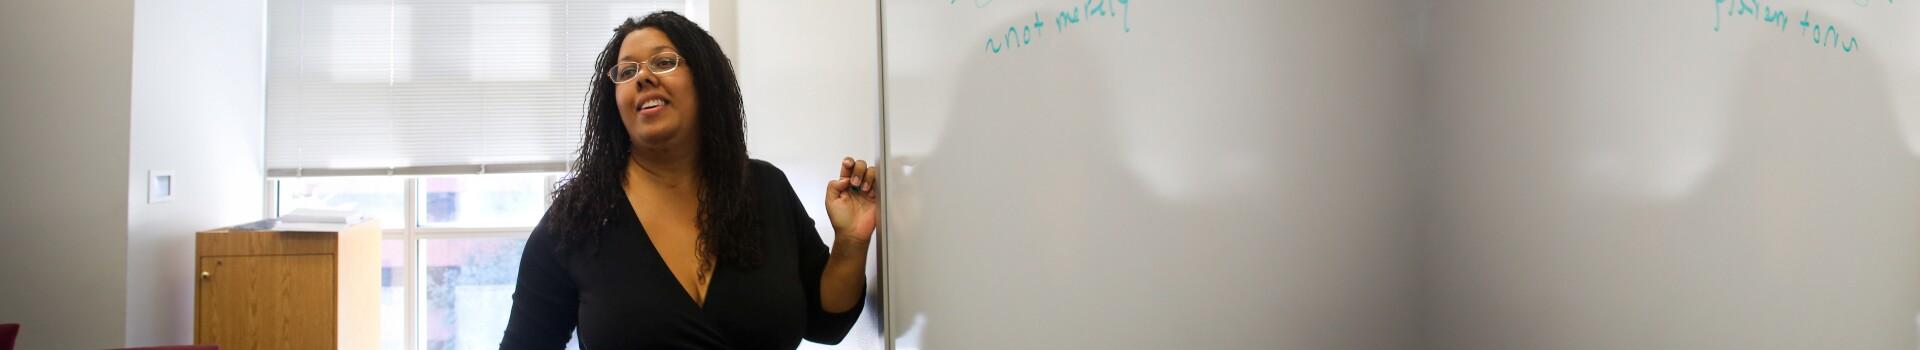 Professor Saru Matambanadzo stands at the whiteboard